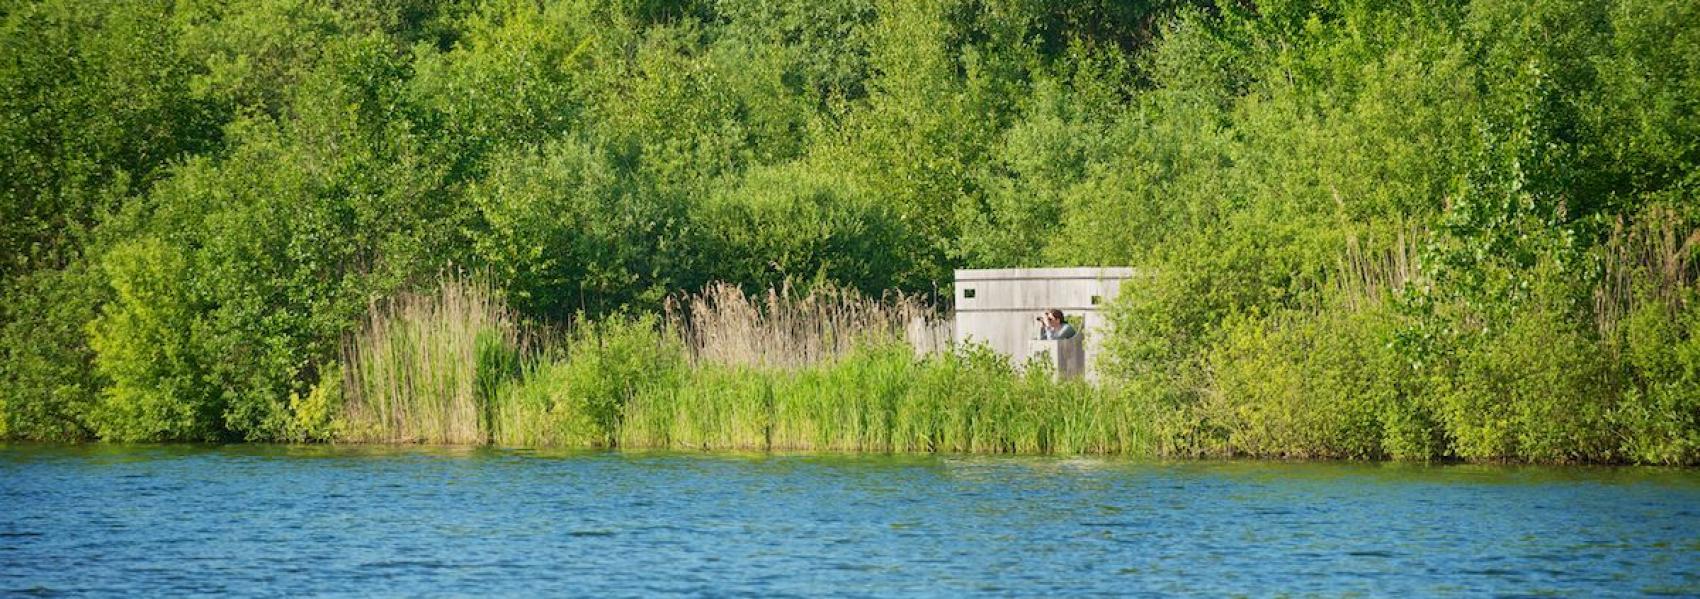 Vogelkijkhut aan de Weerdse vijver